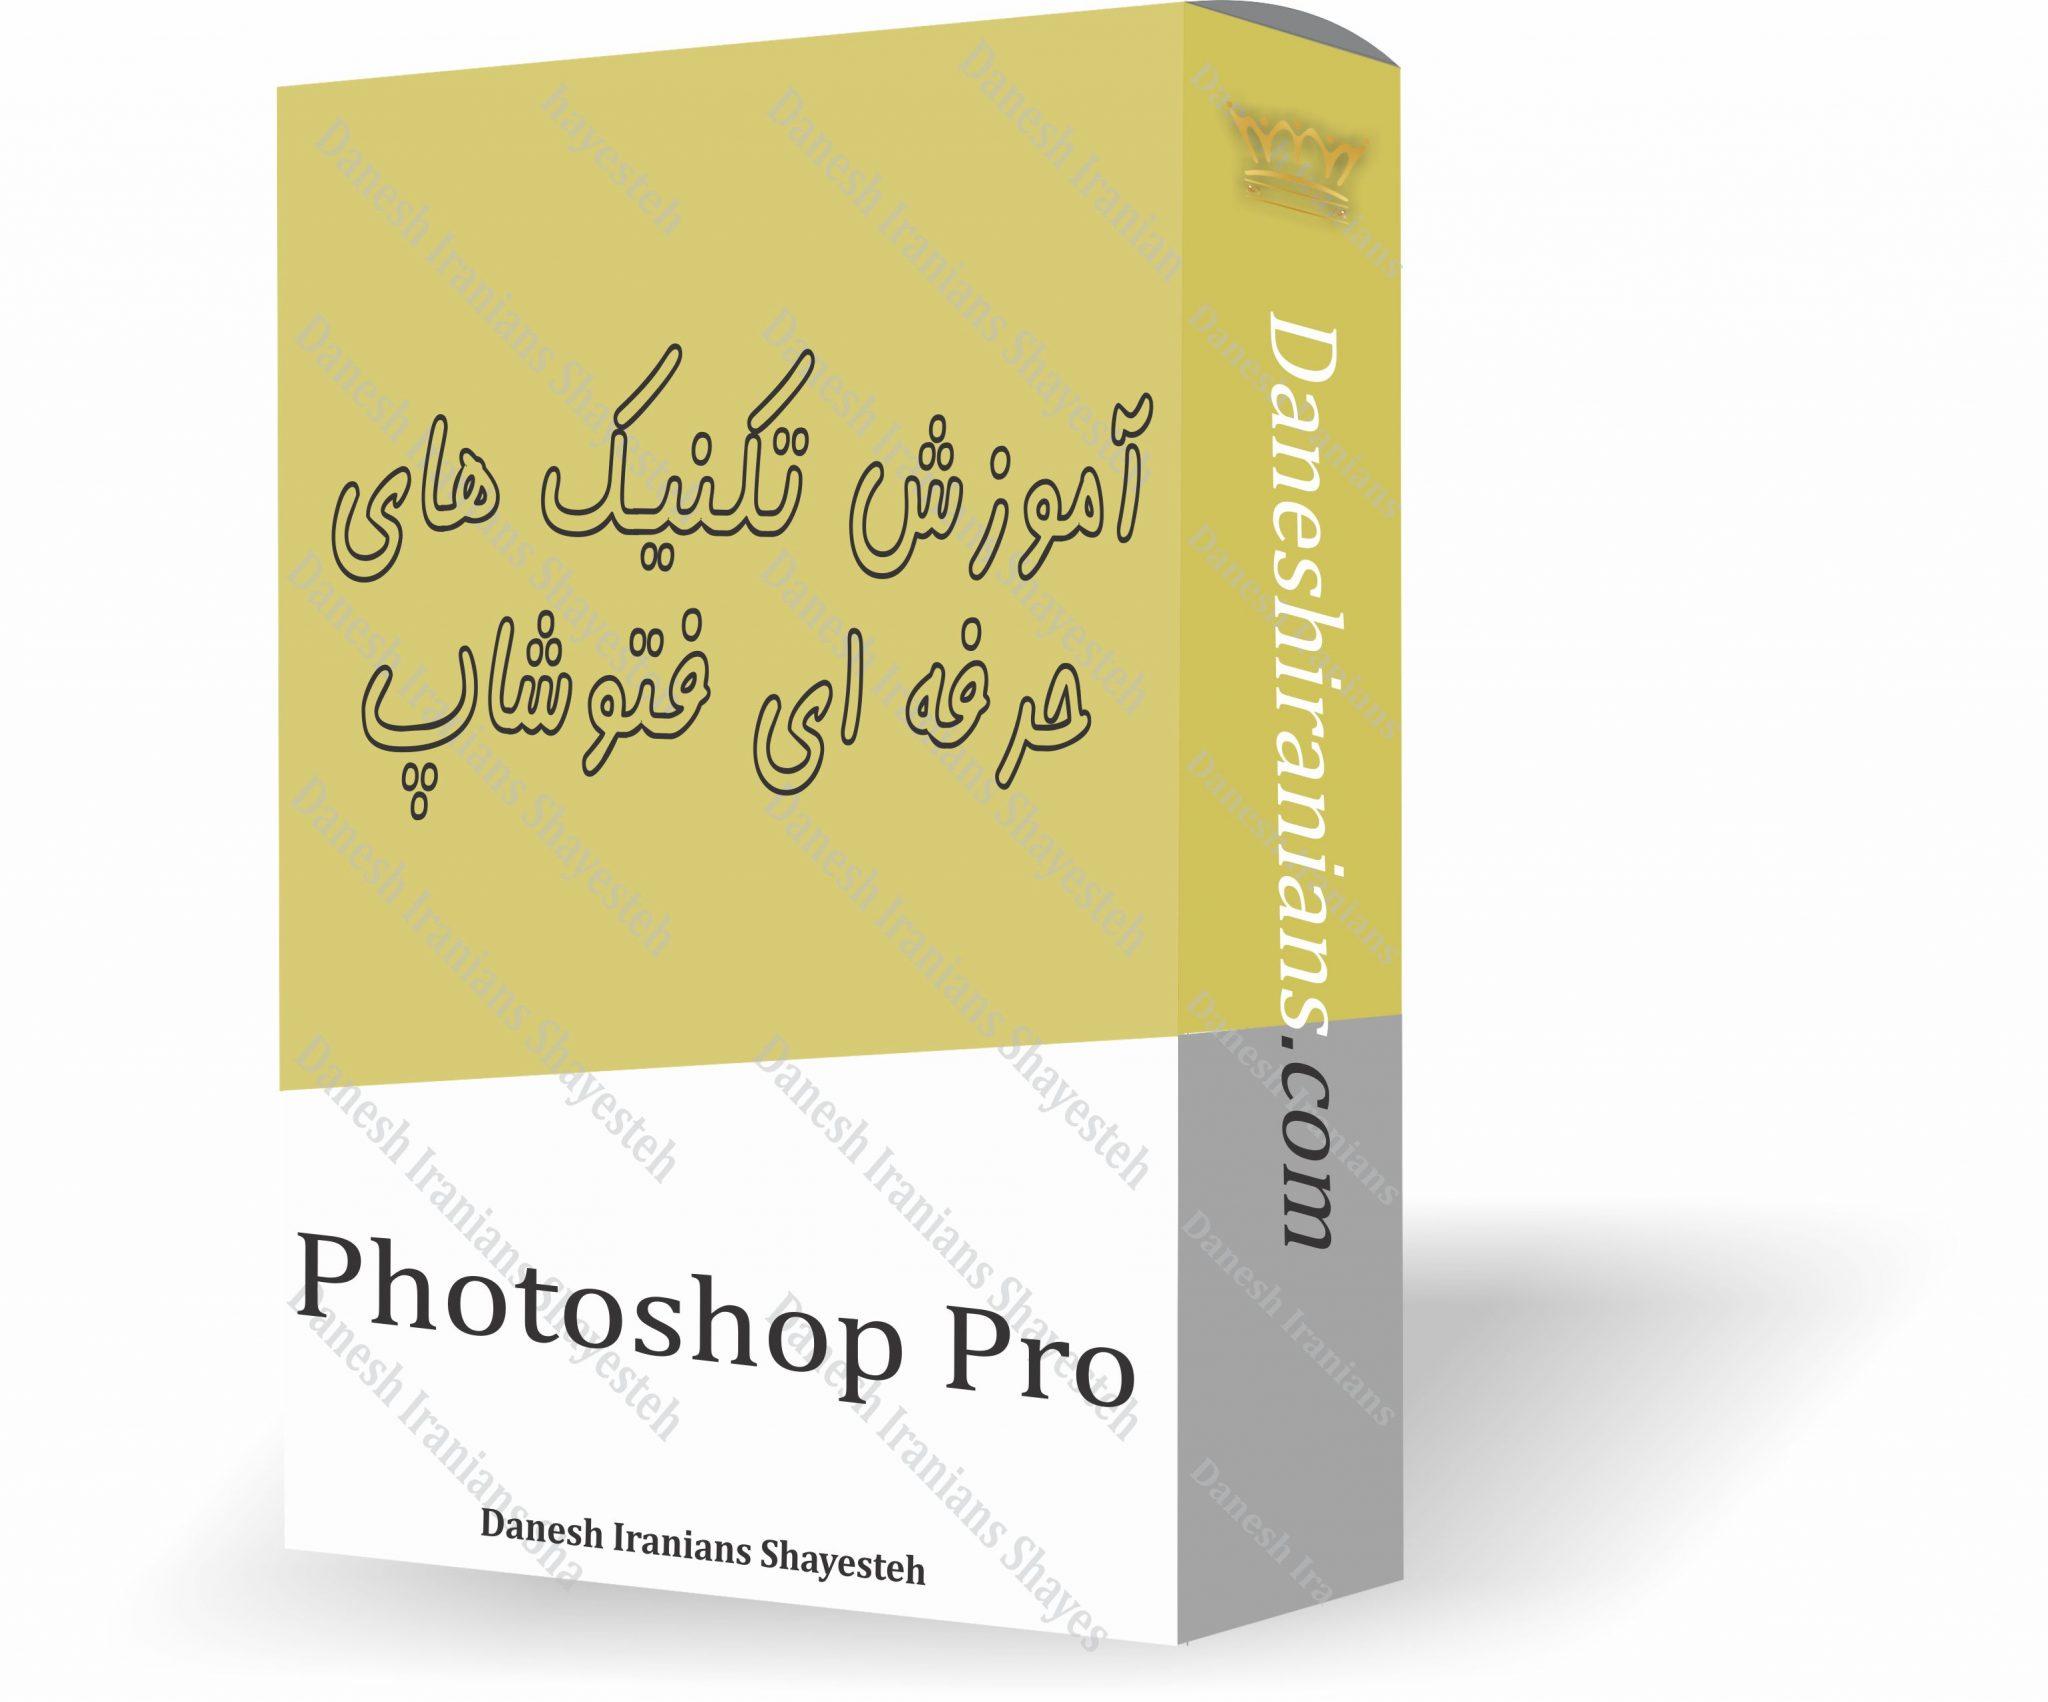 Photoshop Pro